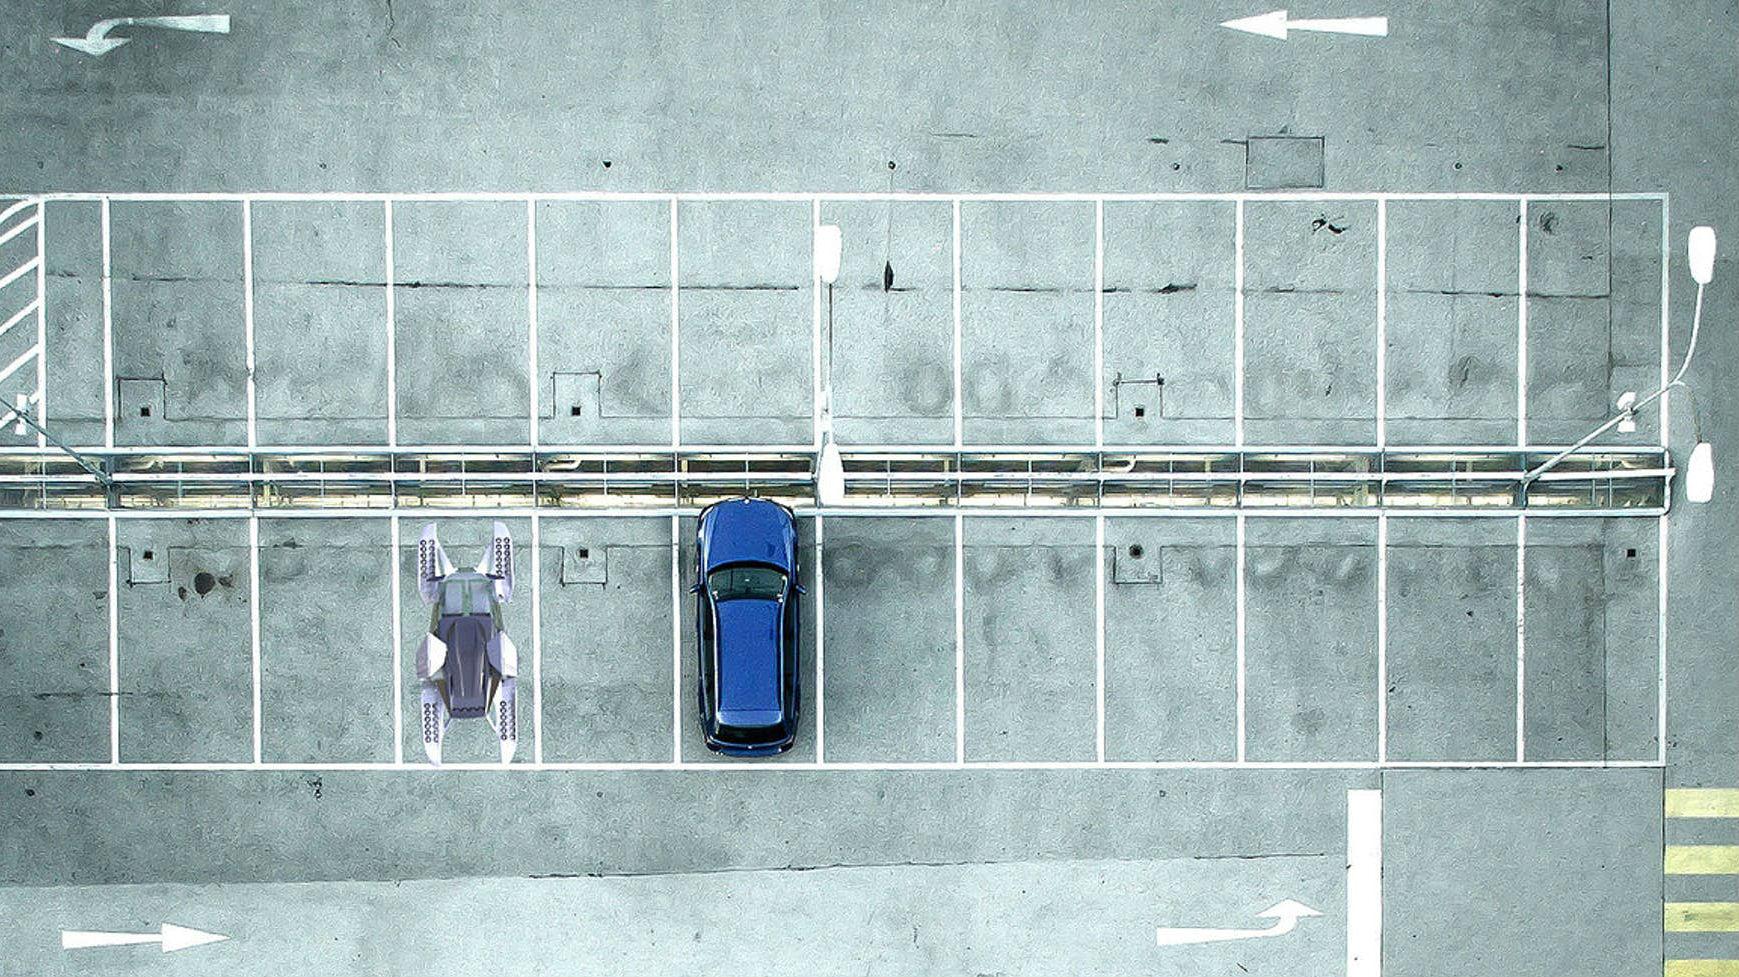 Аэротакси сможет уместиться, например, на одно парковочное место.